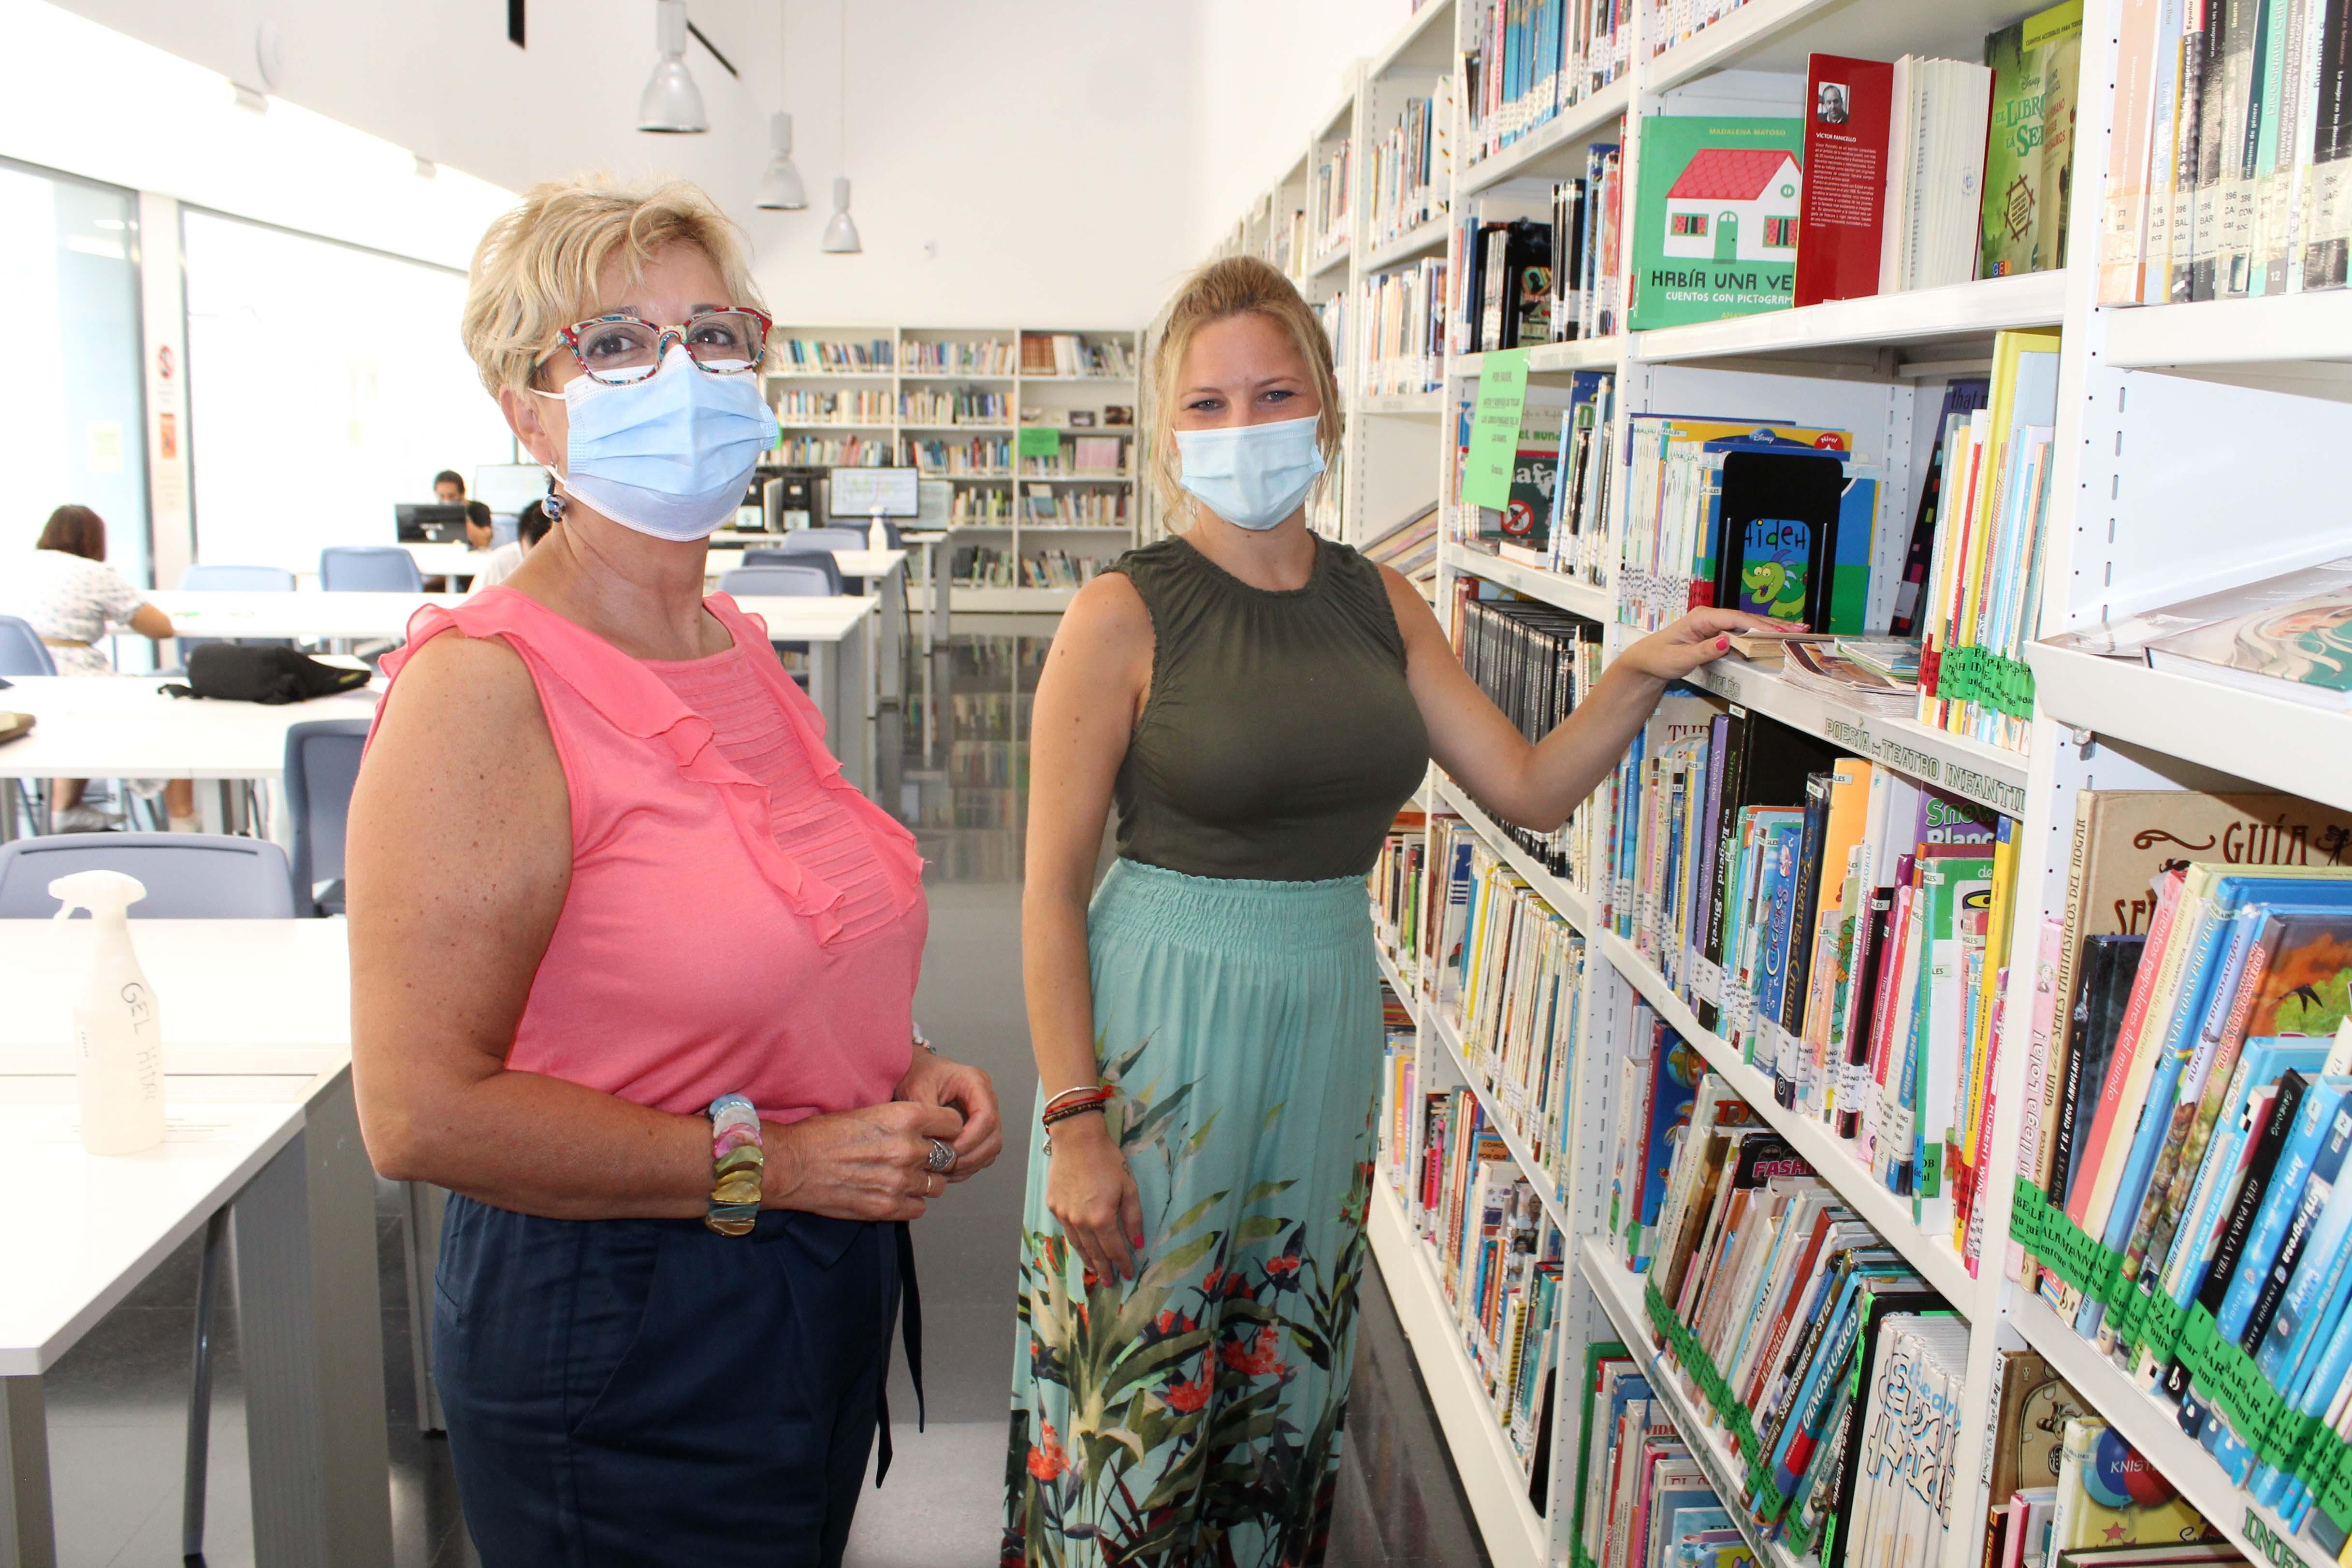 Las bibliotecas de Mijas retiran los precintos de sus estanterías